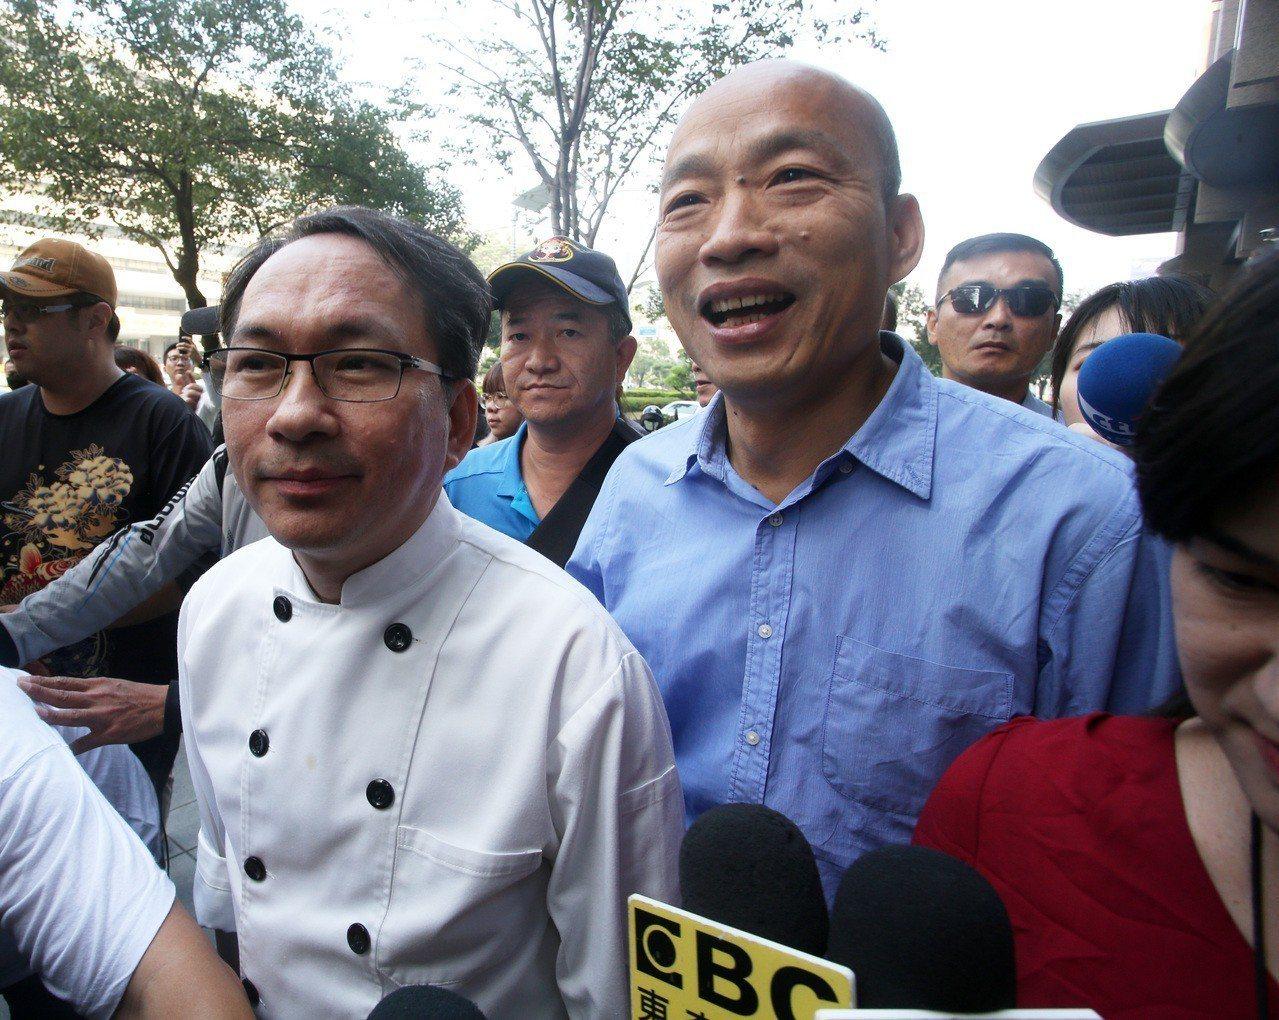 知名麵包師傅吳寶春(左)因發聲明表示支持九二共識、生於中國台灣等言論惹議,今由高...